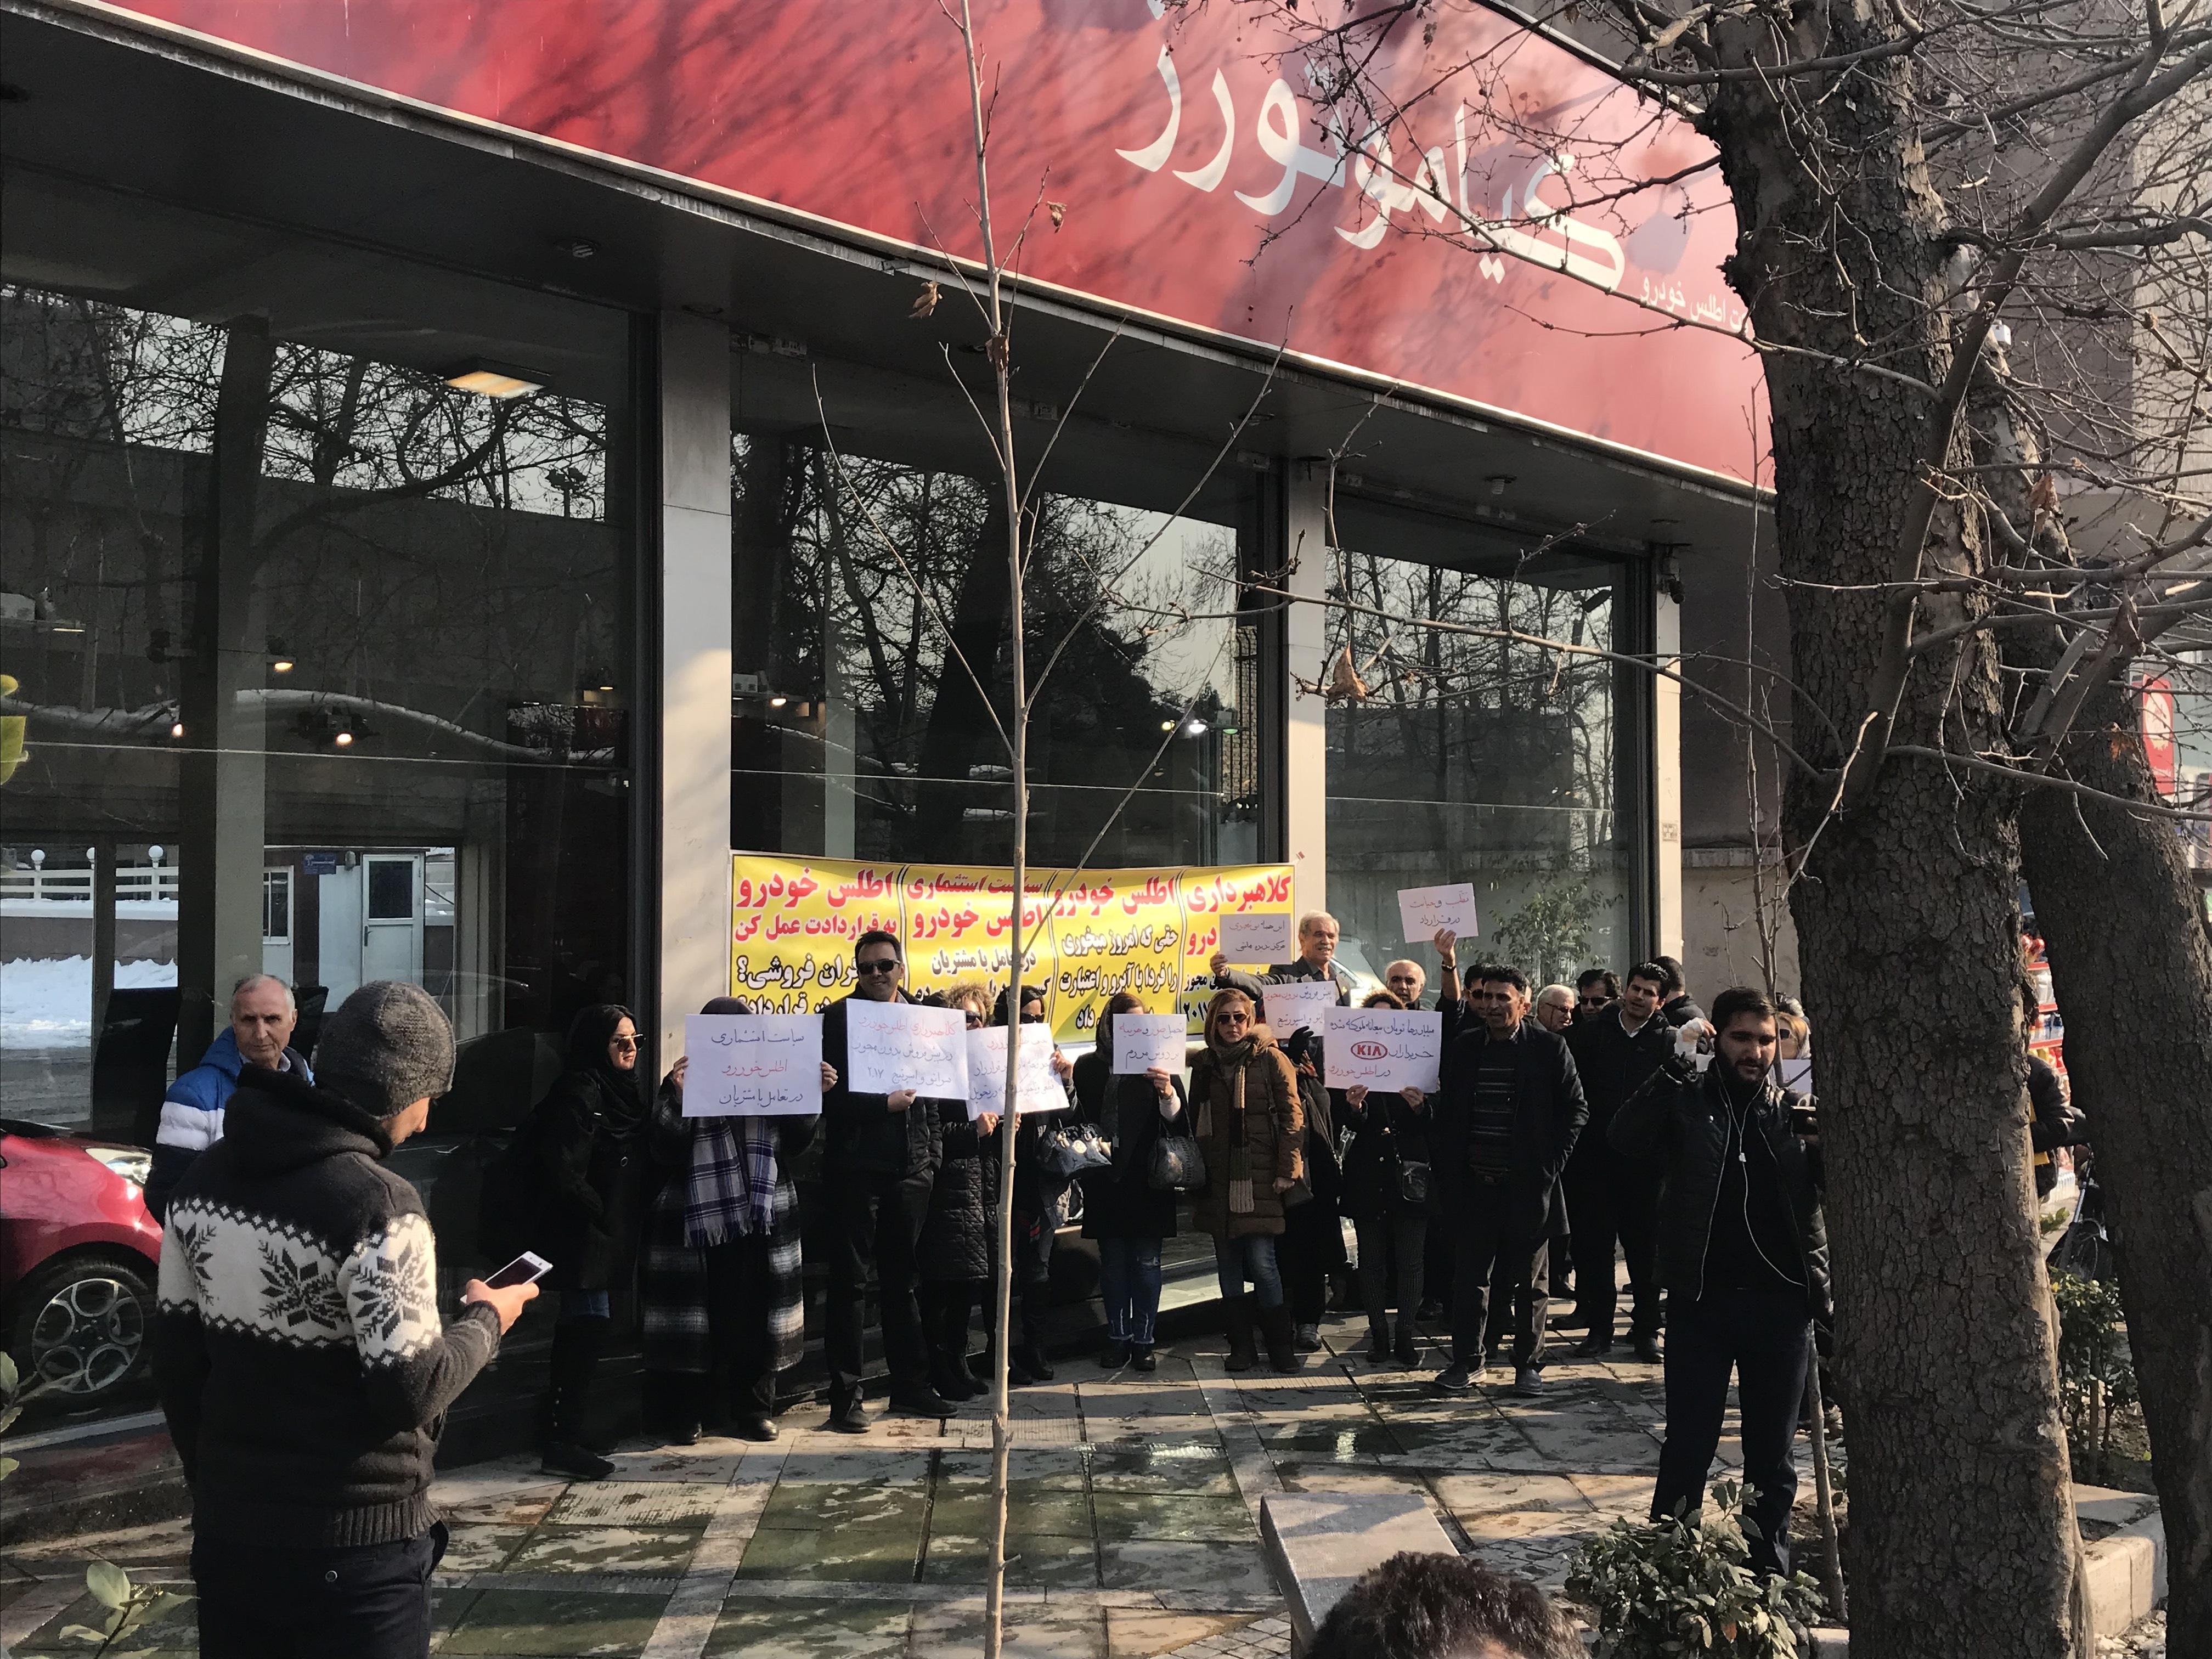 تجمع اعتراضی امروز خریداران اطلس خوردو درسازمان صنعت وتجارت استان تهران